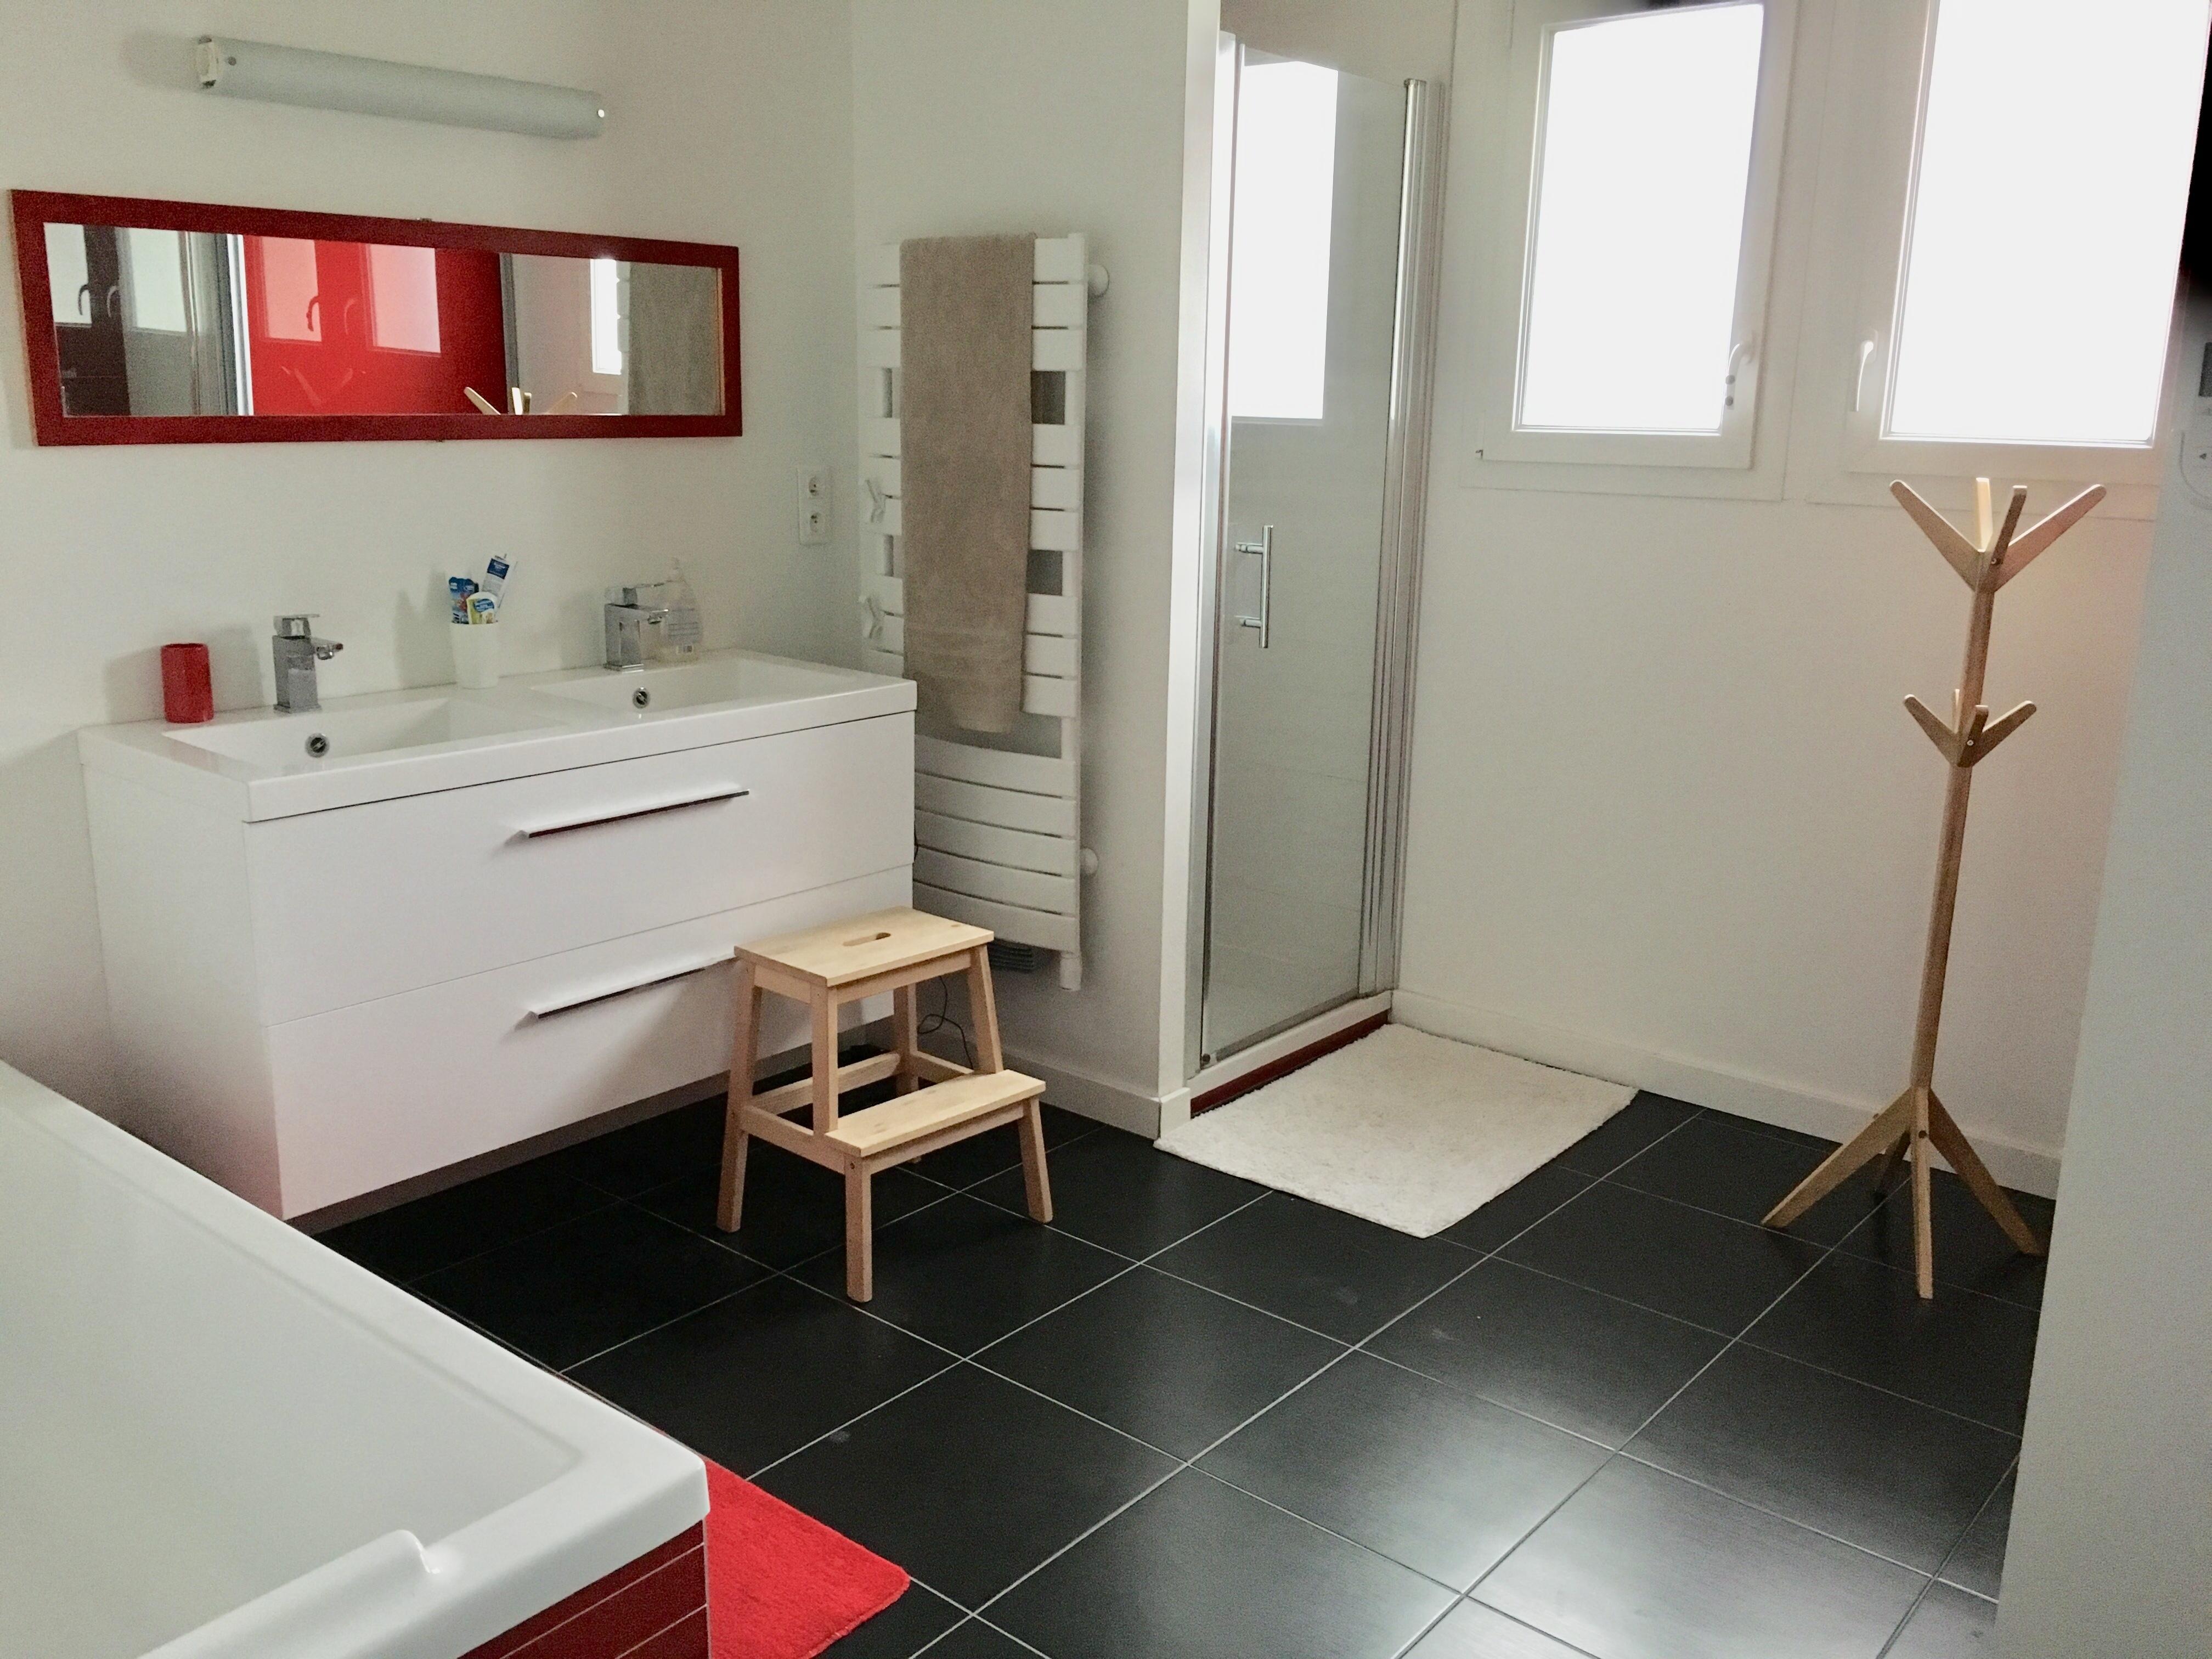 Salle De Bain Commune Booking ~ maison familiale 15 km des plages de la c te basque boligbytte